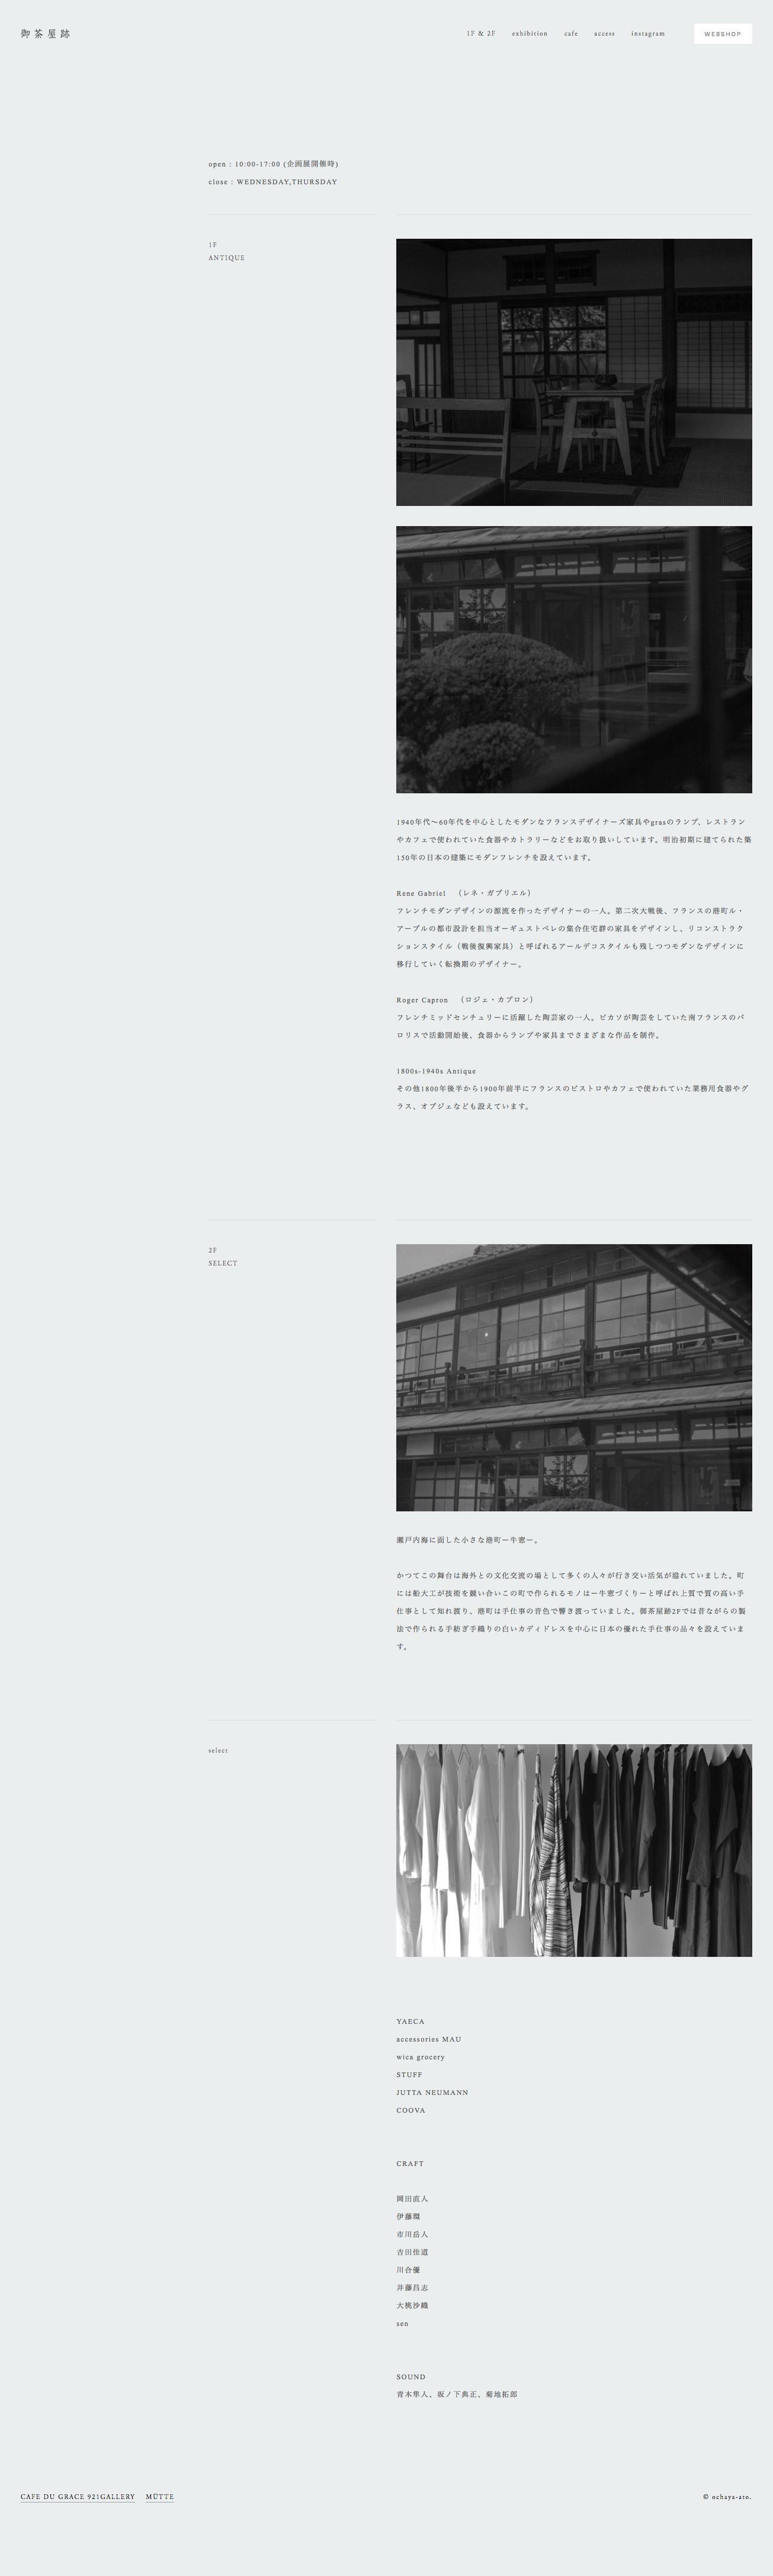 screencapture-ochaya-ato-about-2019-04-01-14_24_21.png